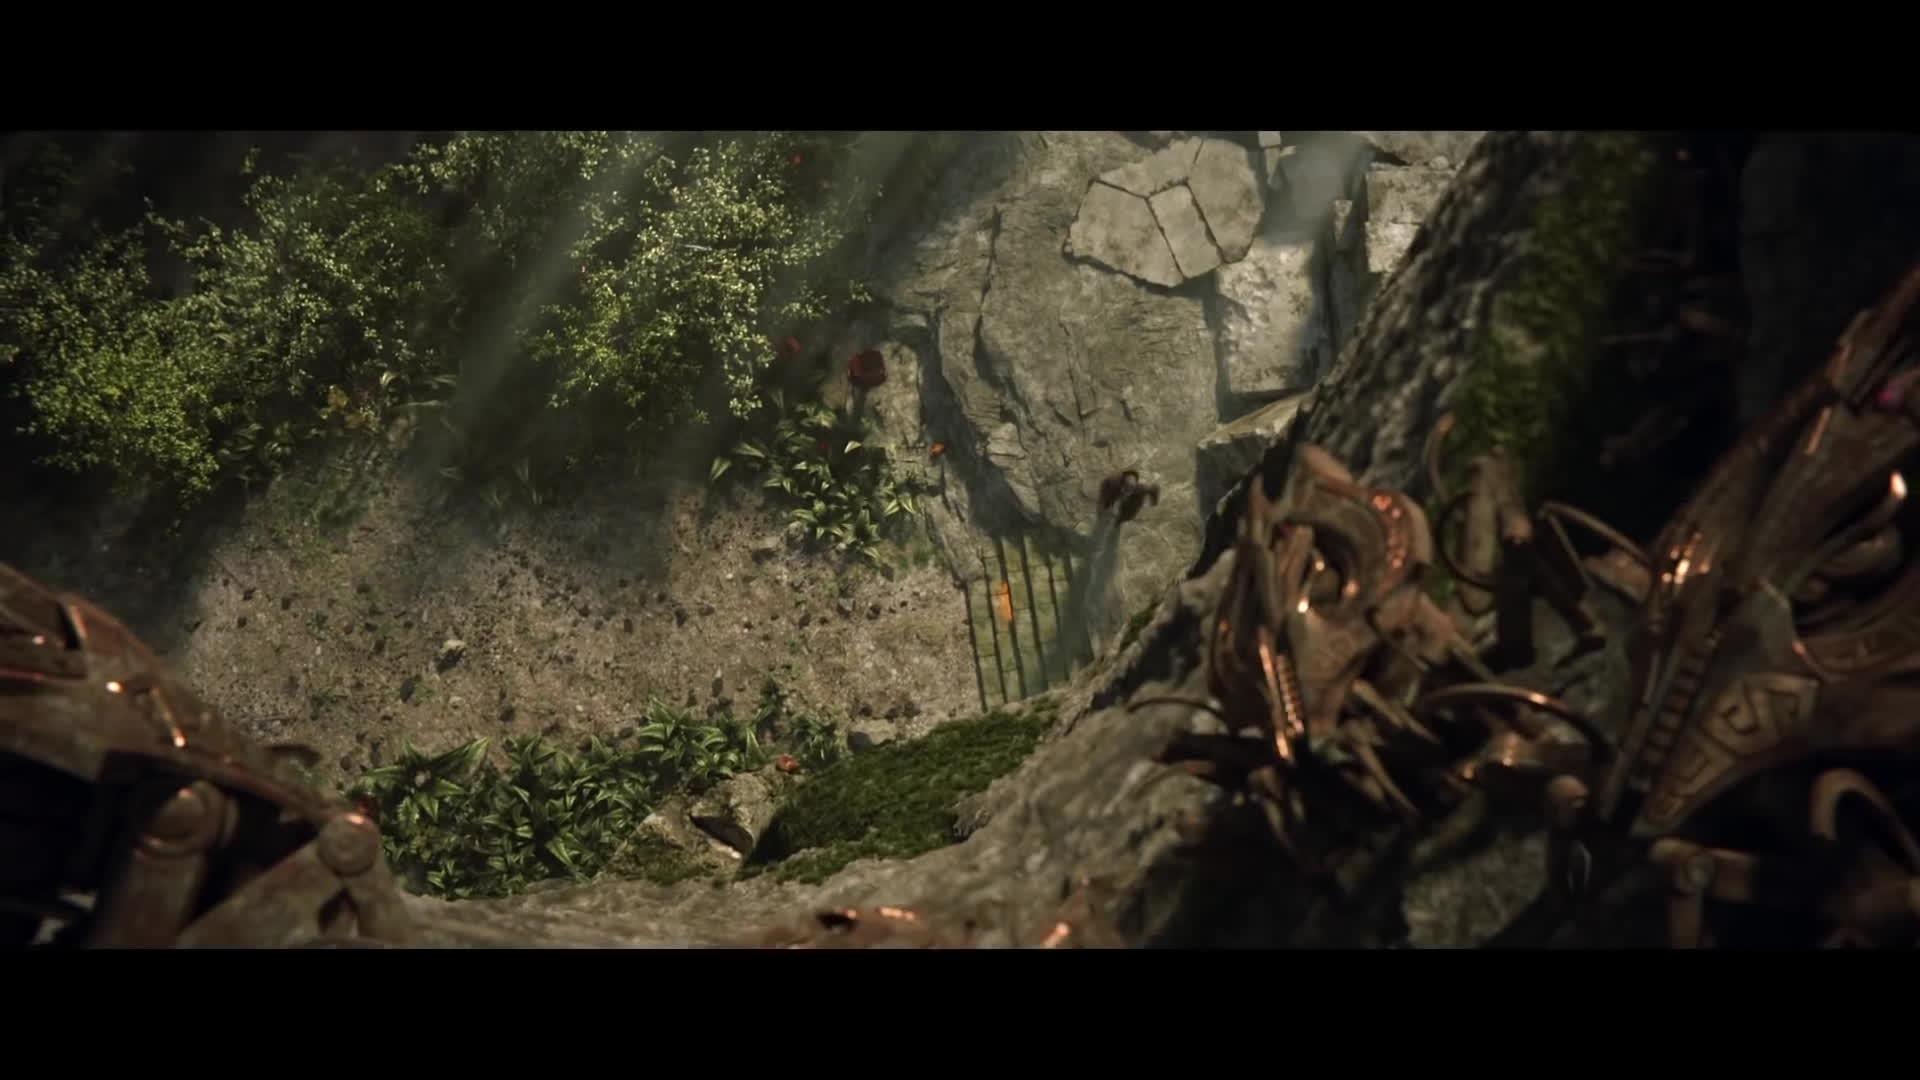 bethesda softworks, eso, the elder scrolls online, The Elder Scrolls Online: Morrowind Announcement Trailer GIFs